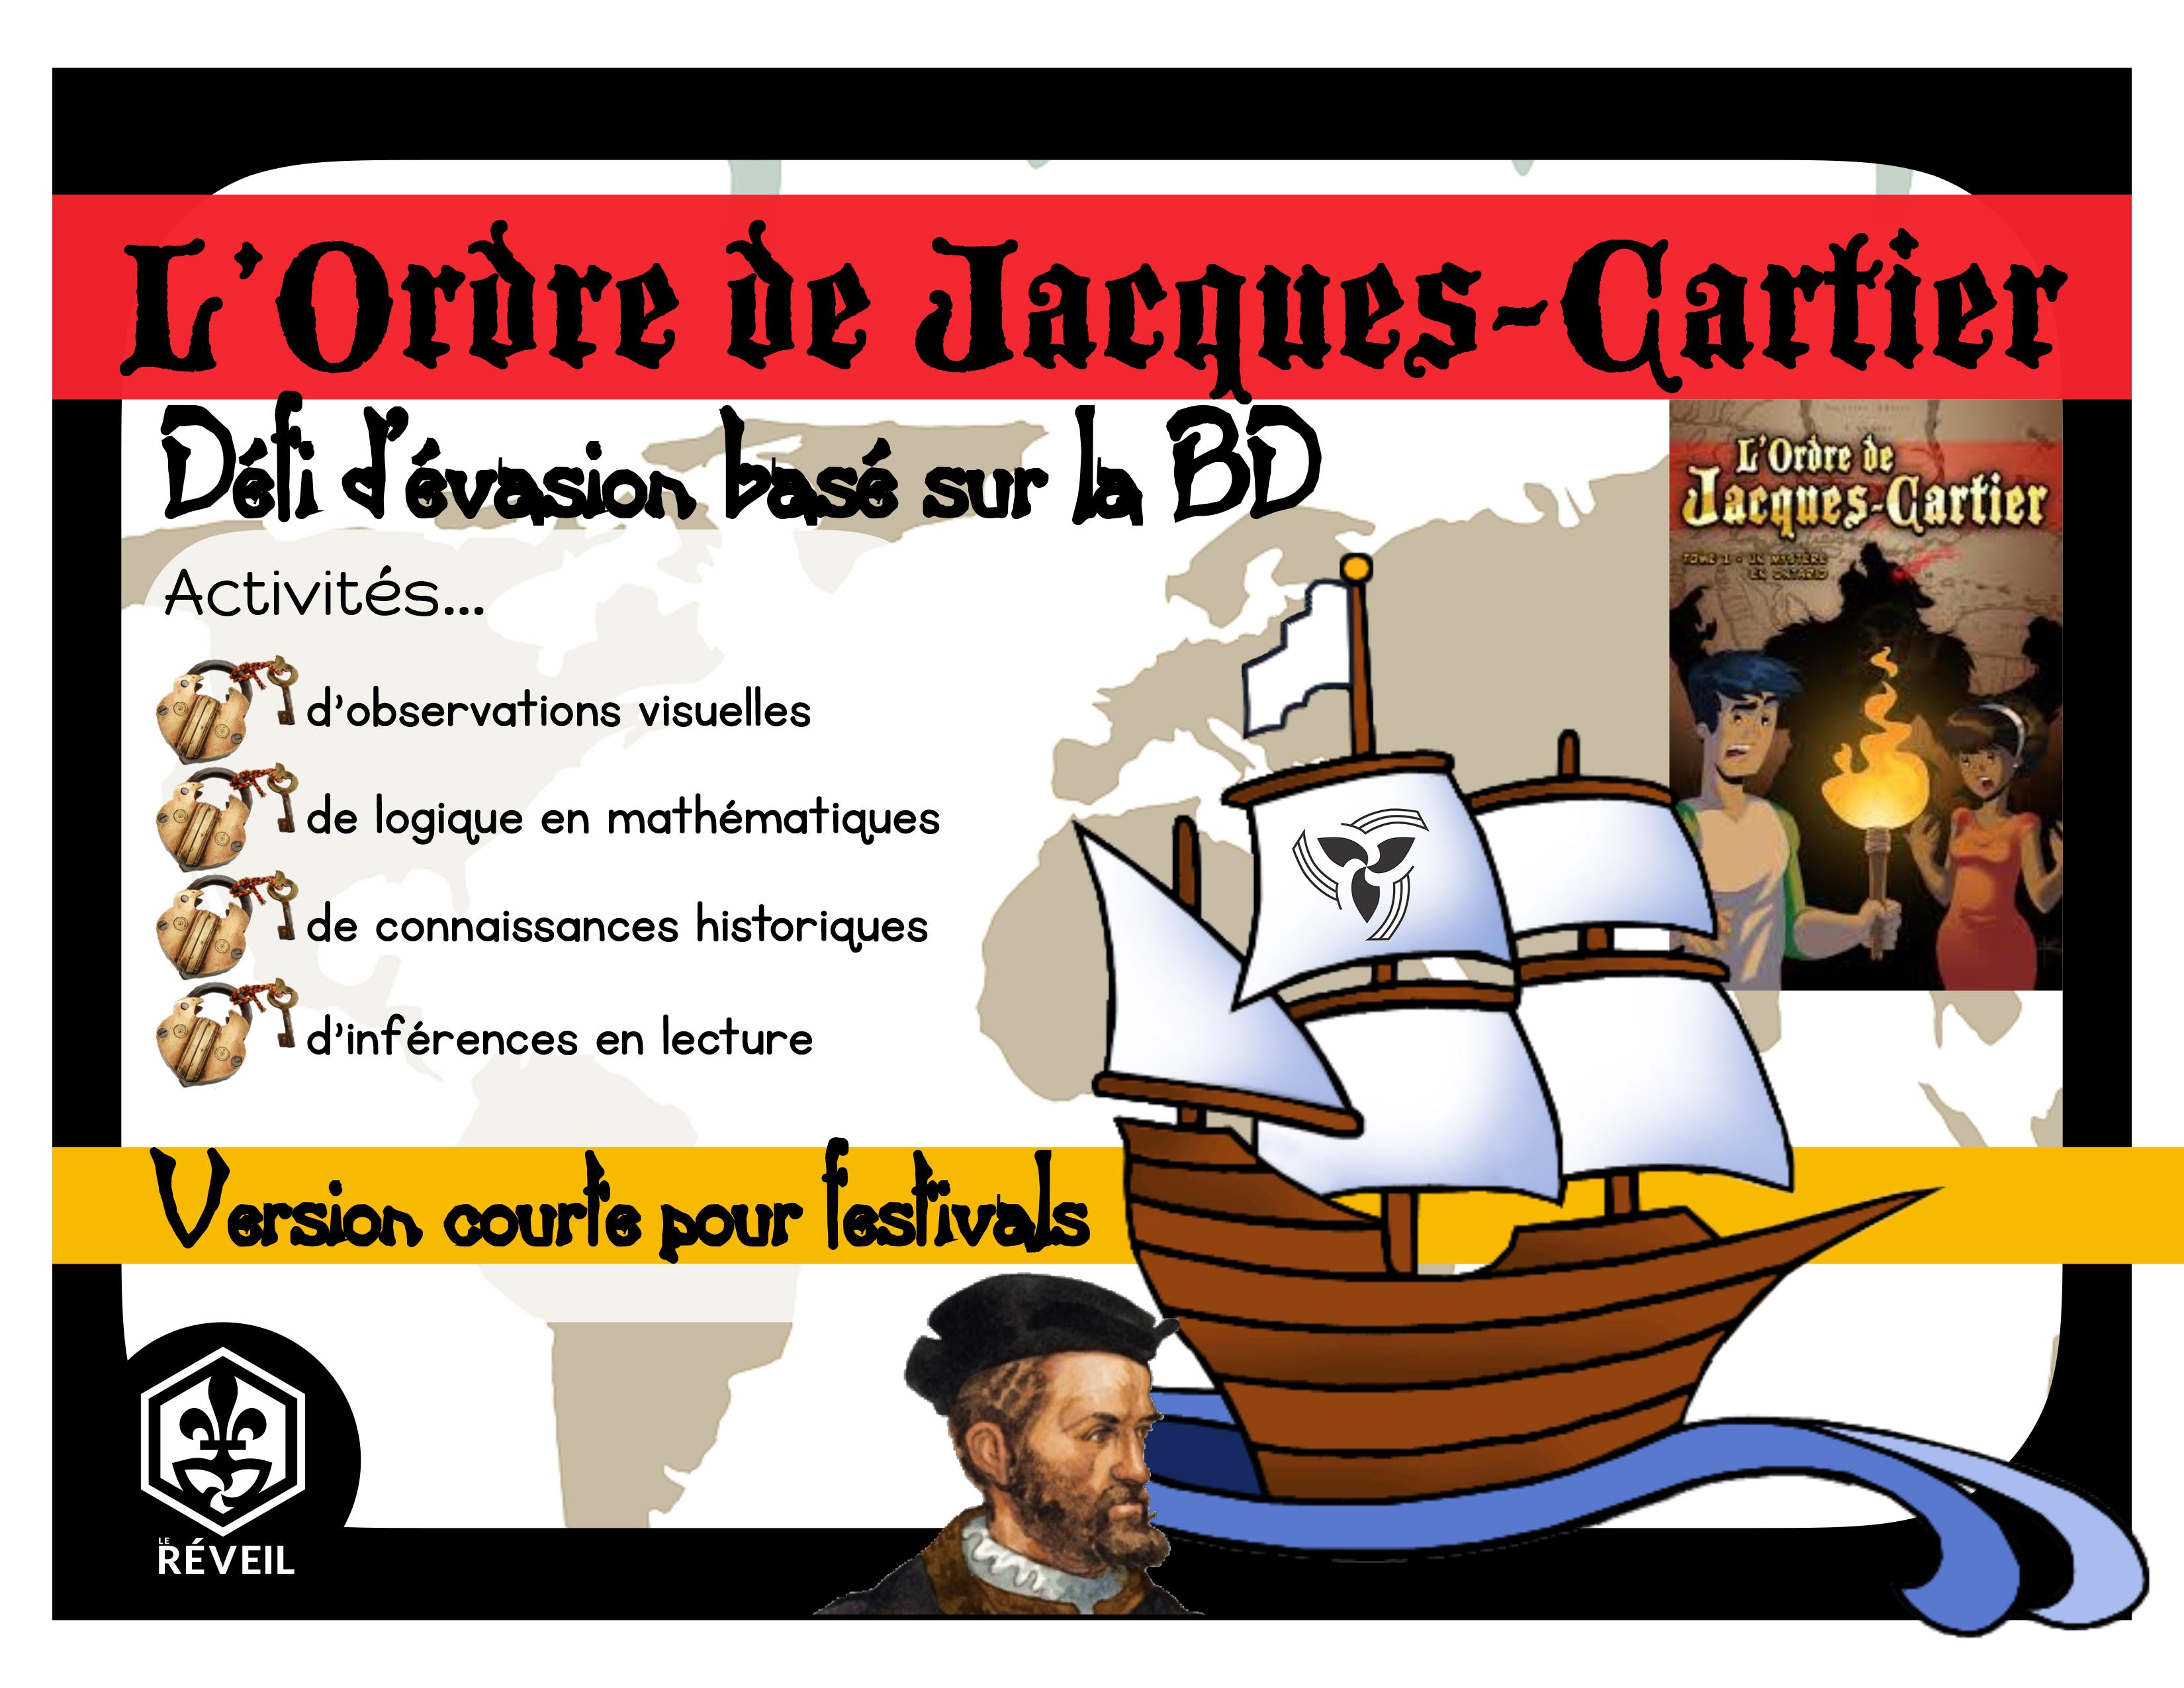 L'ordre de Jacques-Cartier Festival